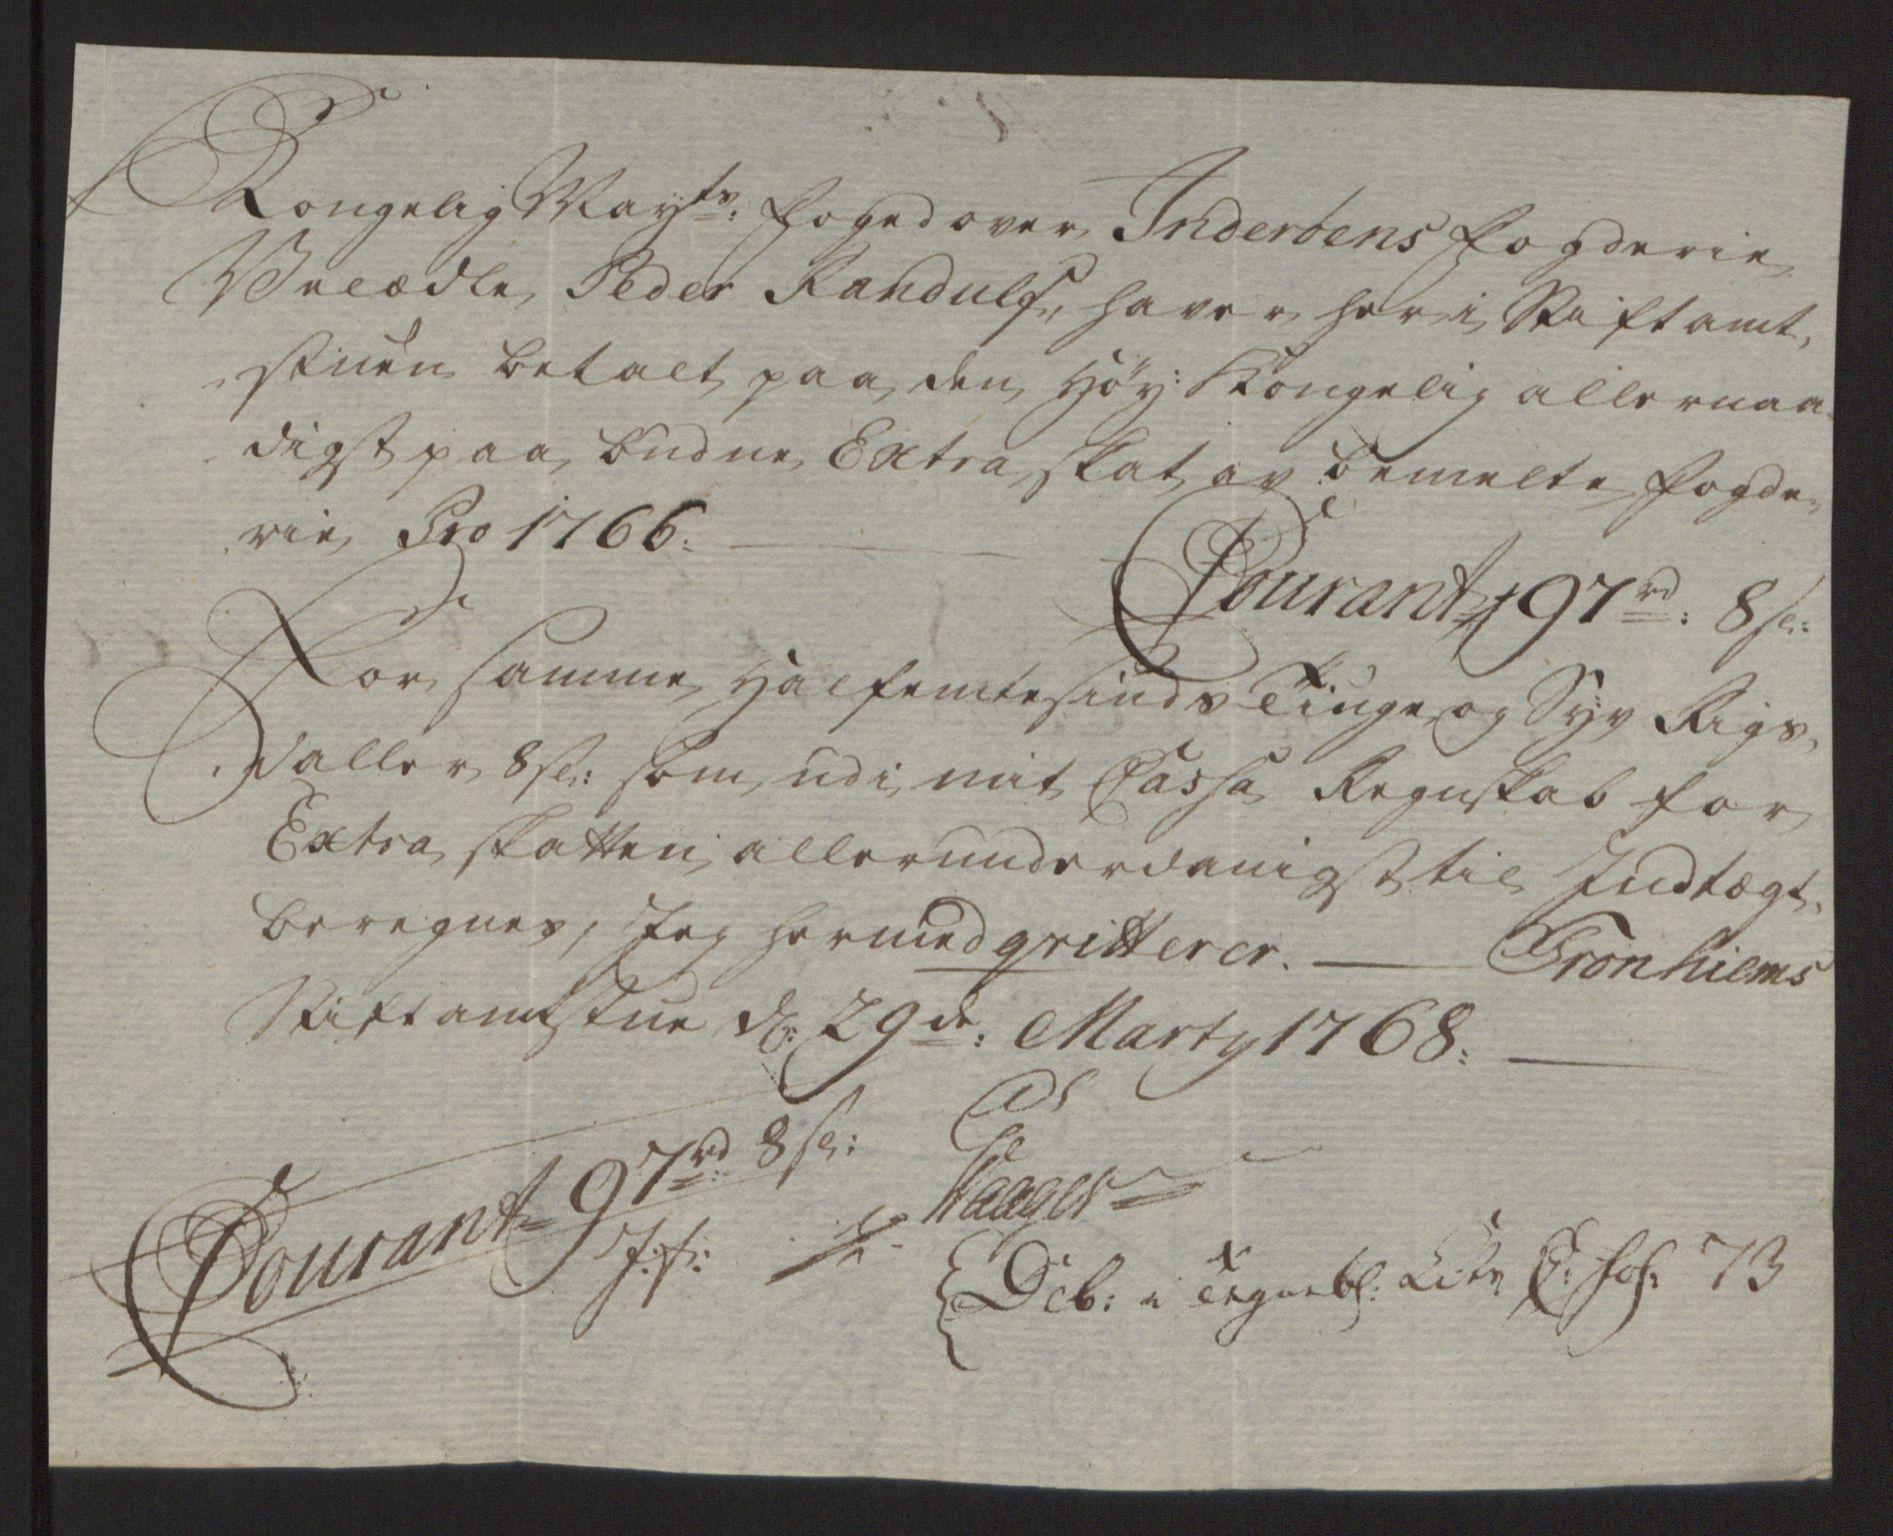 RA, Rentekammeret inntil 1814, Reviderte regnskaper, Fogderegnskap, R63/L4420: Ekstraskatten Inderøy, 1762-1772, s. 209